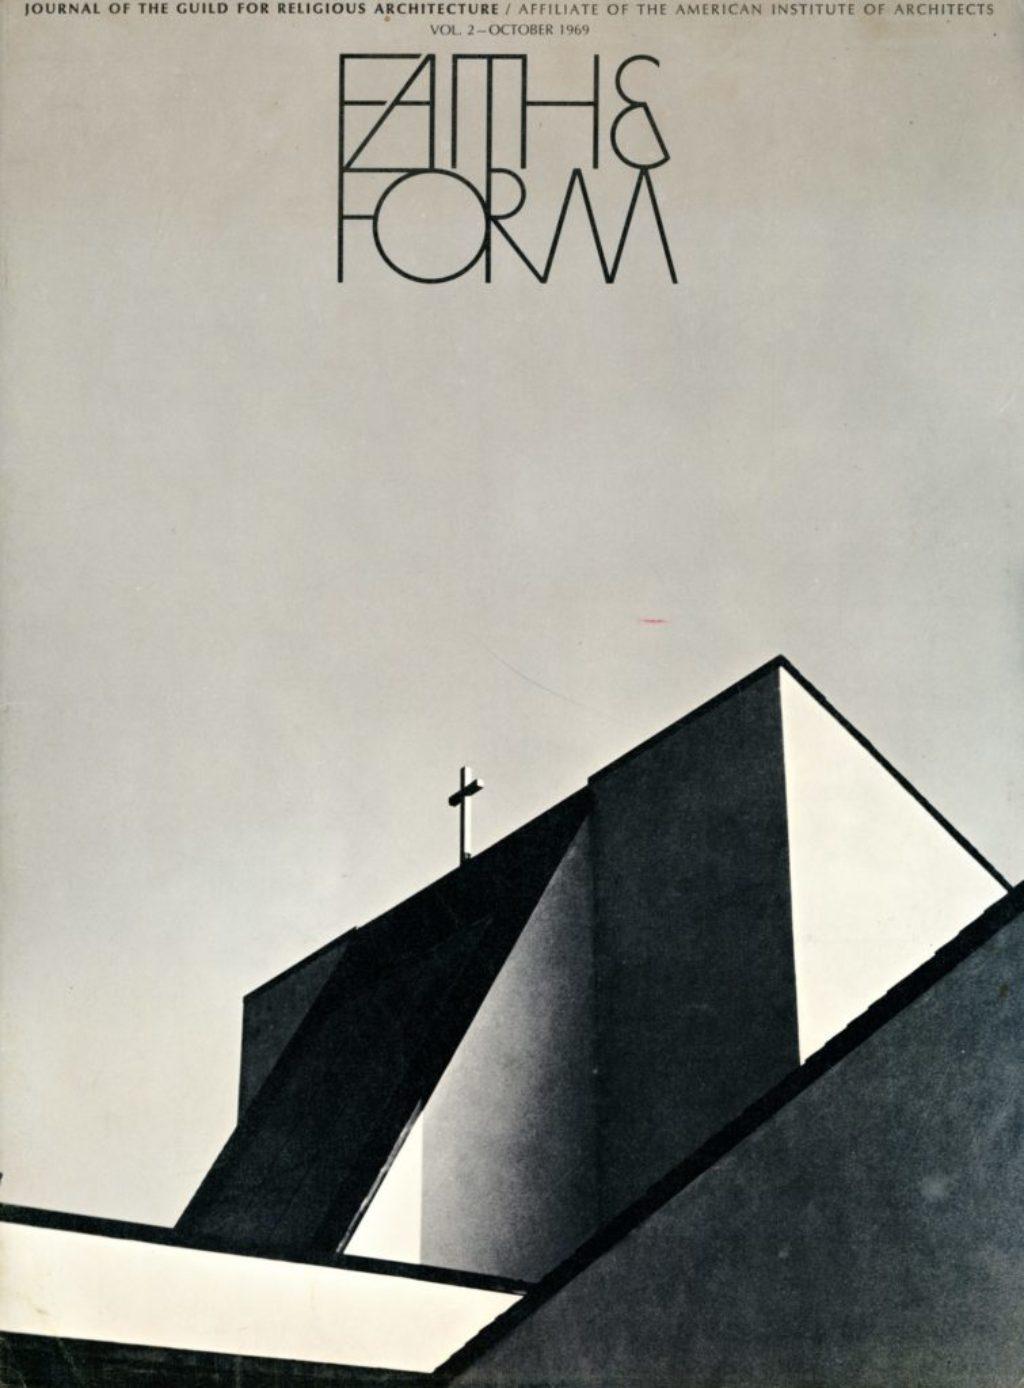 Oklahoma Mod in Faith & Form Magazine